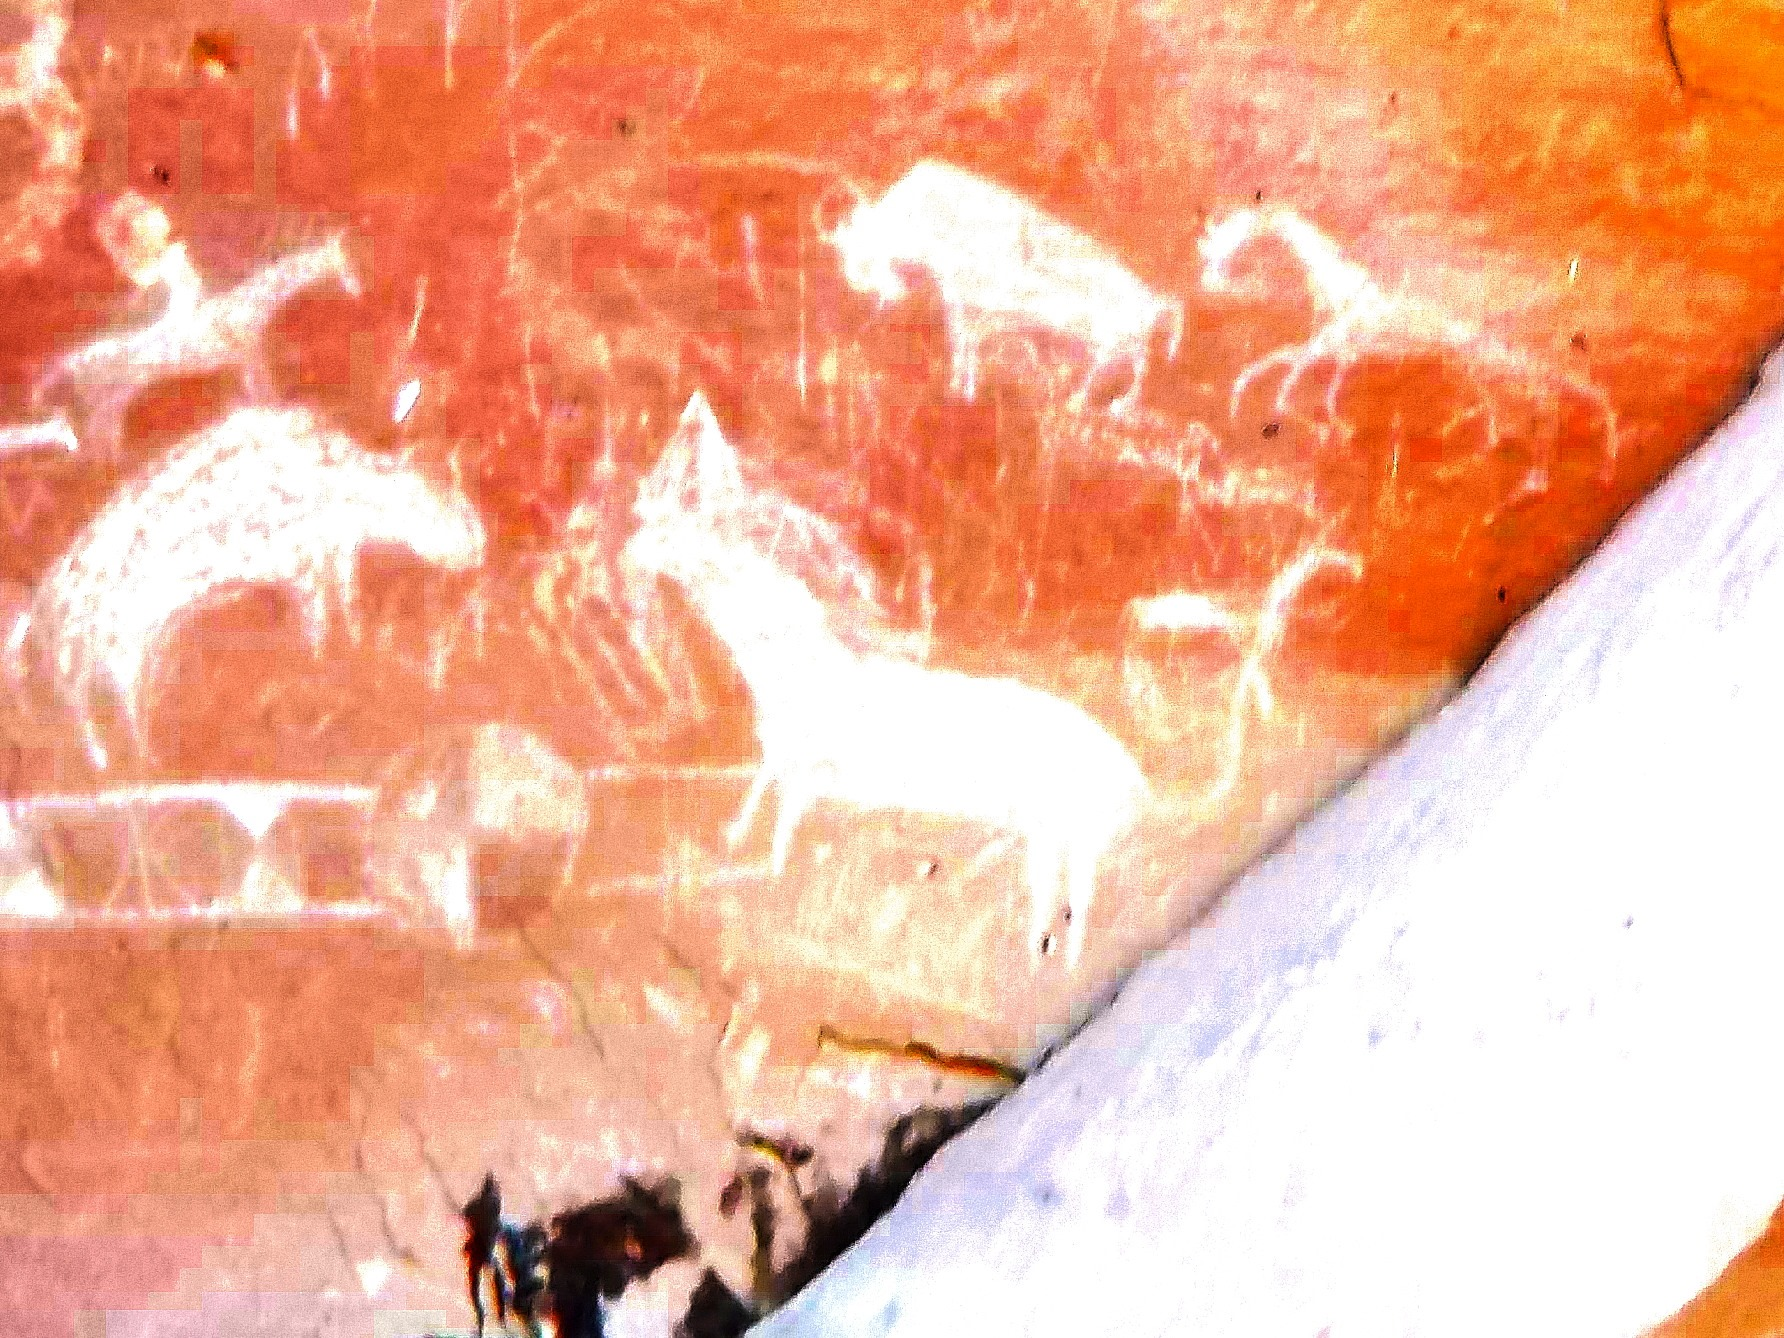 Native American Rock Art San Rafael Desertbook Cliffs Utah Life